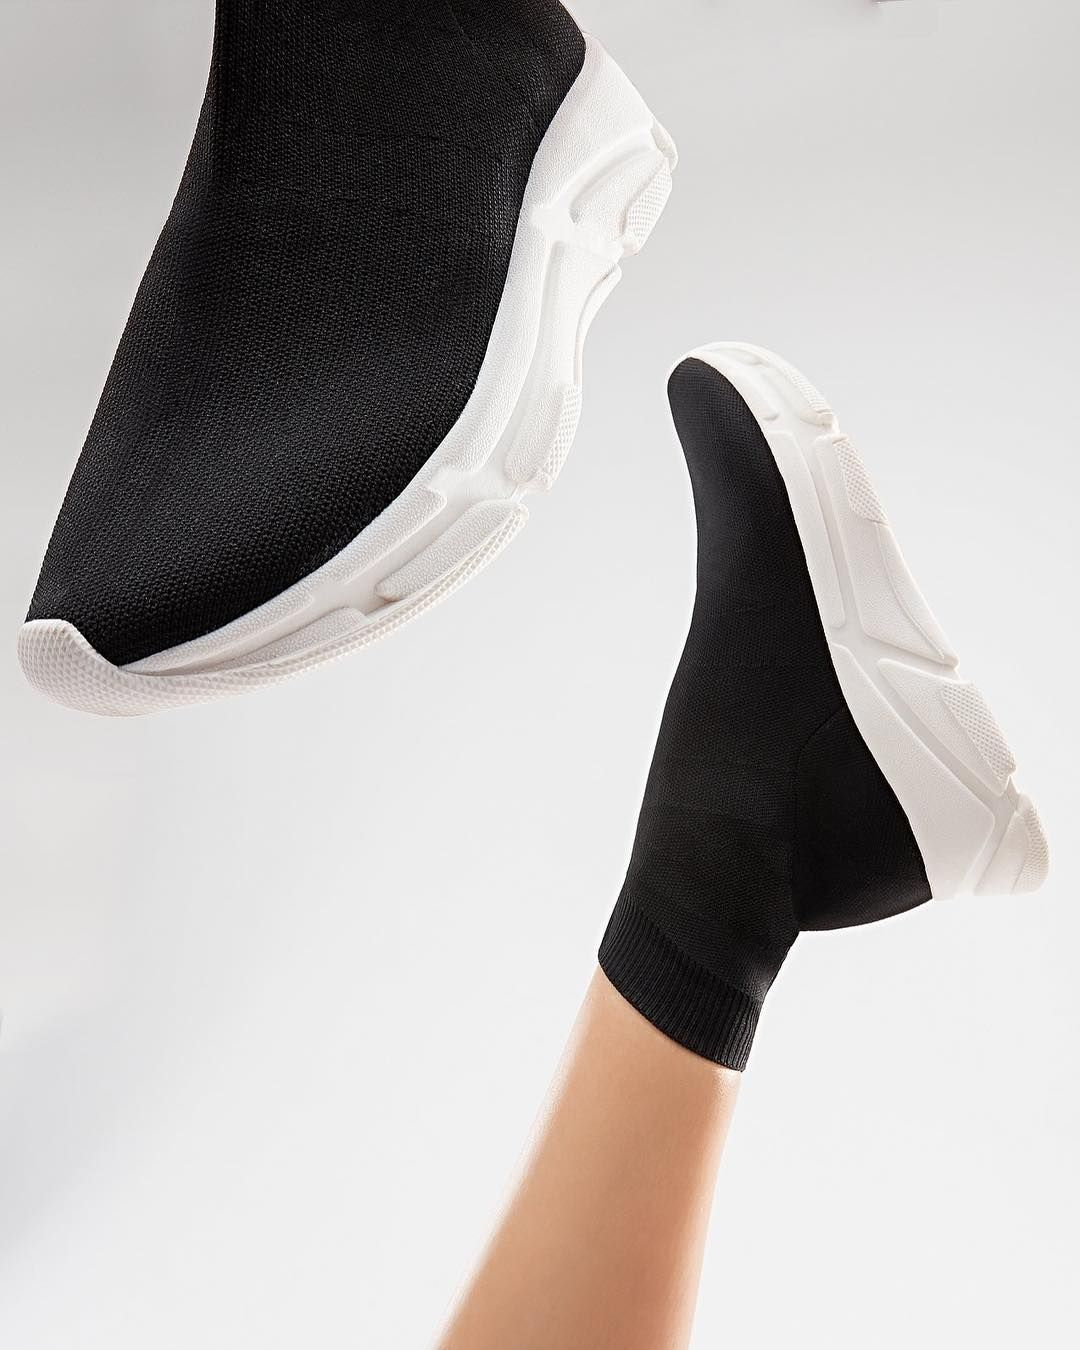 Steve madden, Girls shoes